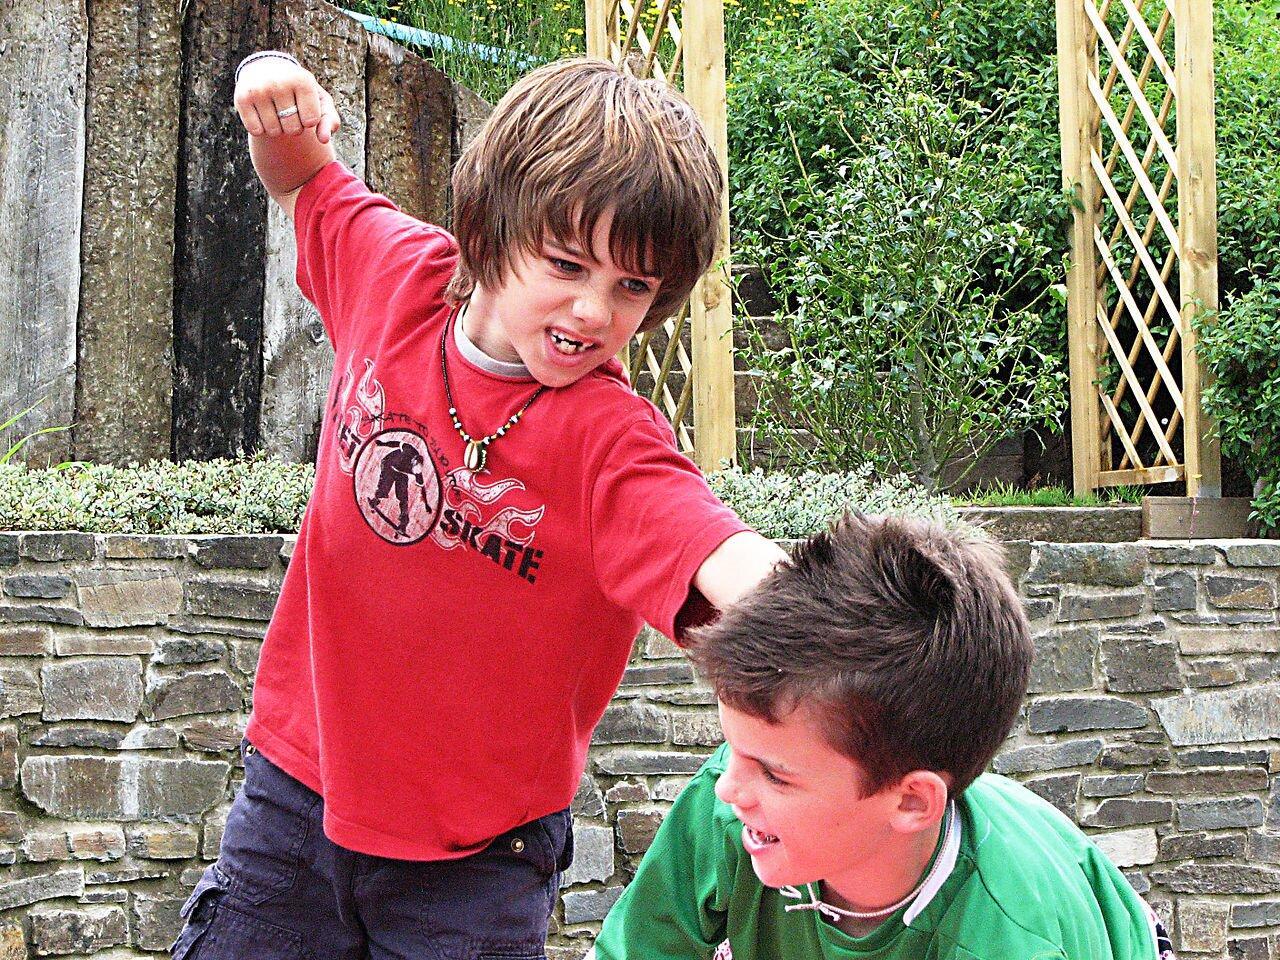 Konflikt fizyczny Walczą odostęp do komputera. Źródło: Aislinn Ritchie, Konflikt fizyczny, 2007, fotografia, licencja: CC BY-SA 2.0.